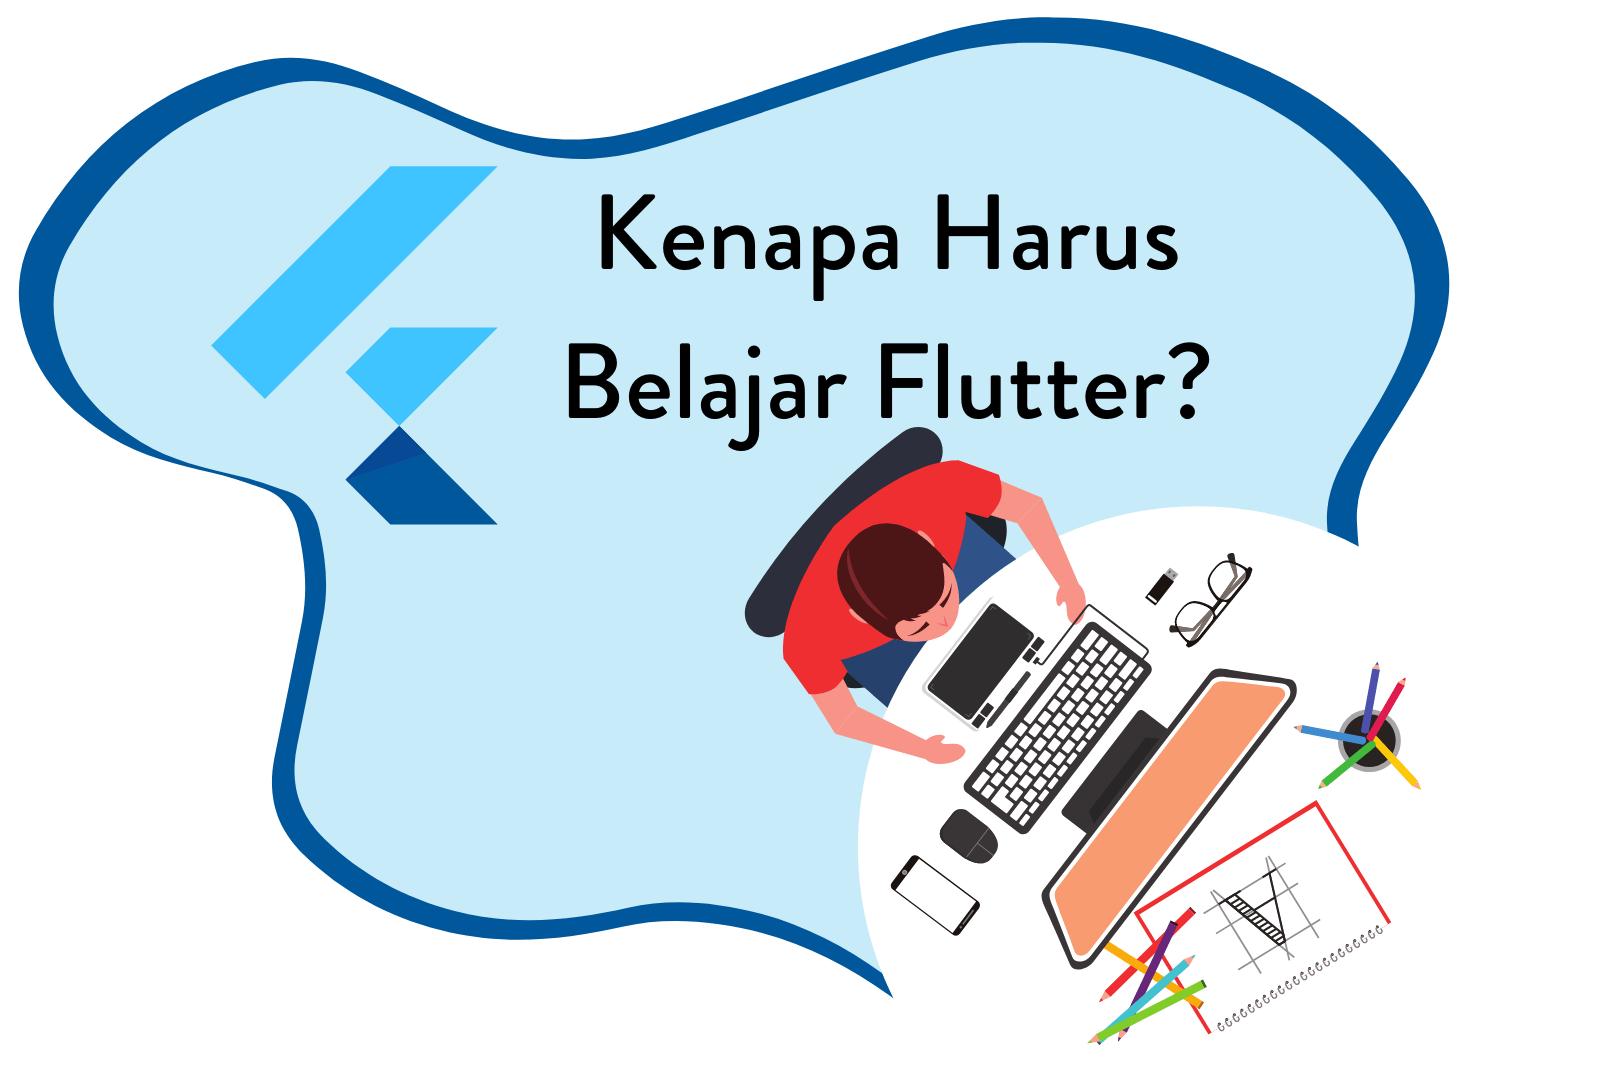 Kenapa Harus Belajar Flutter?